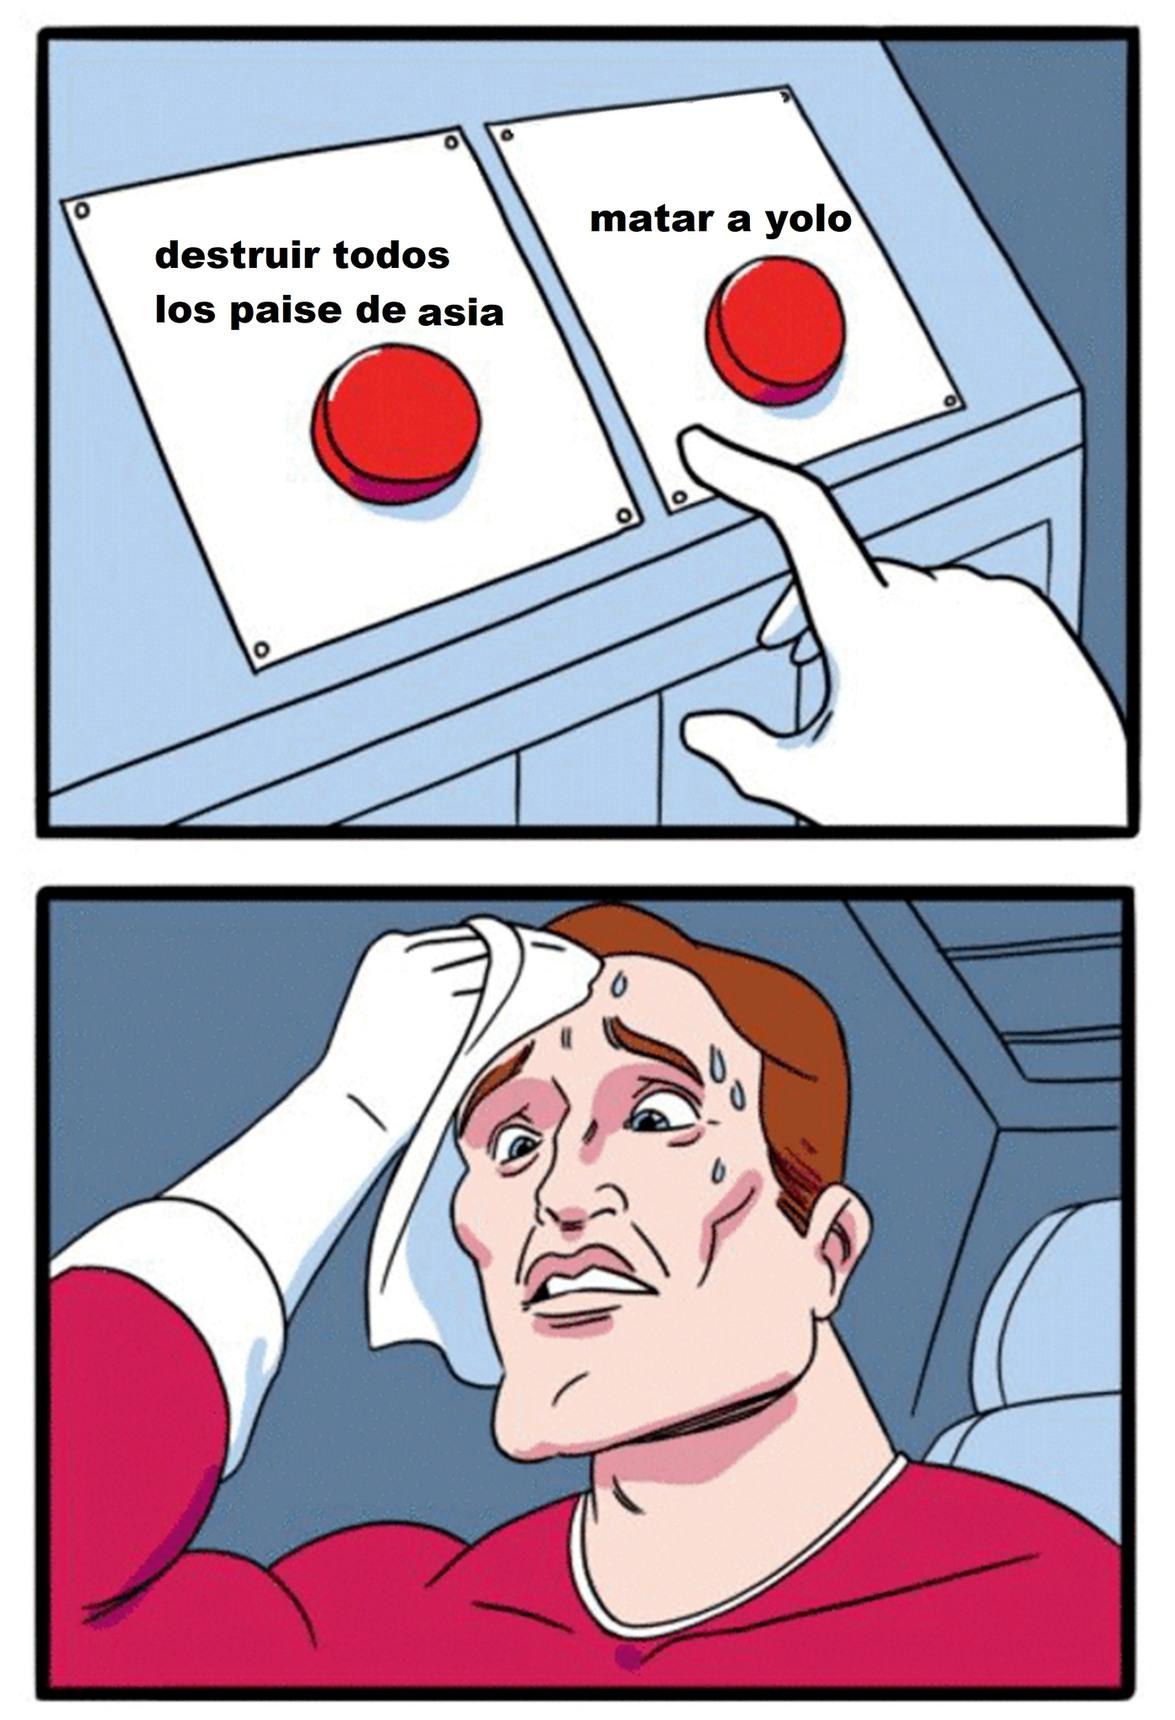 malditos asiaticos arruinaron asia - meme